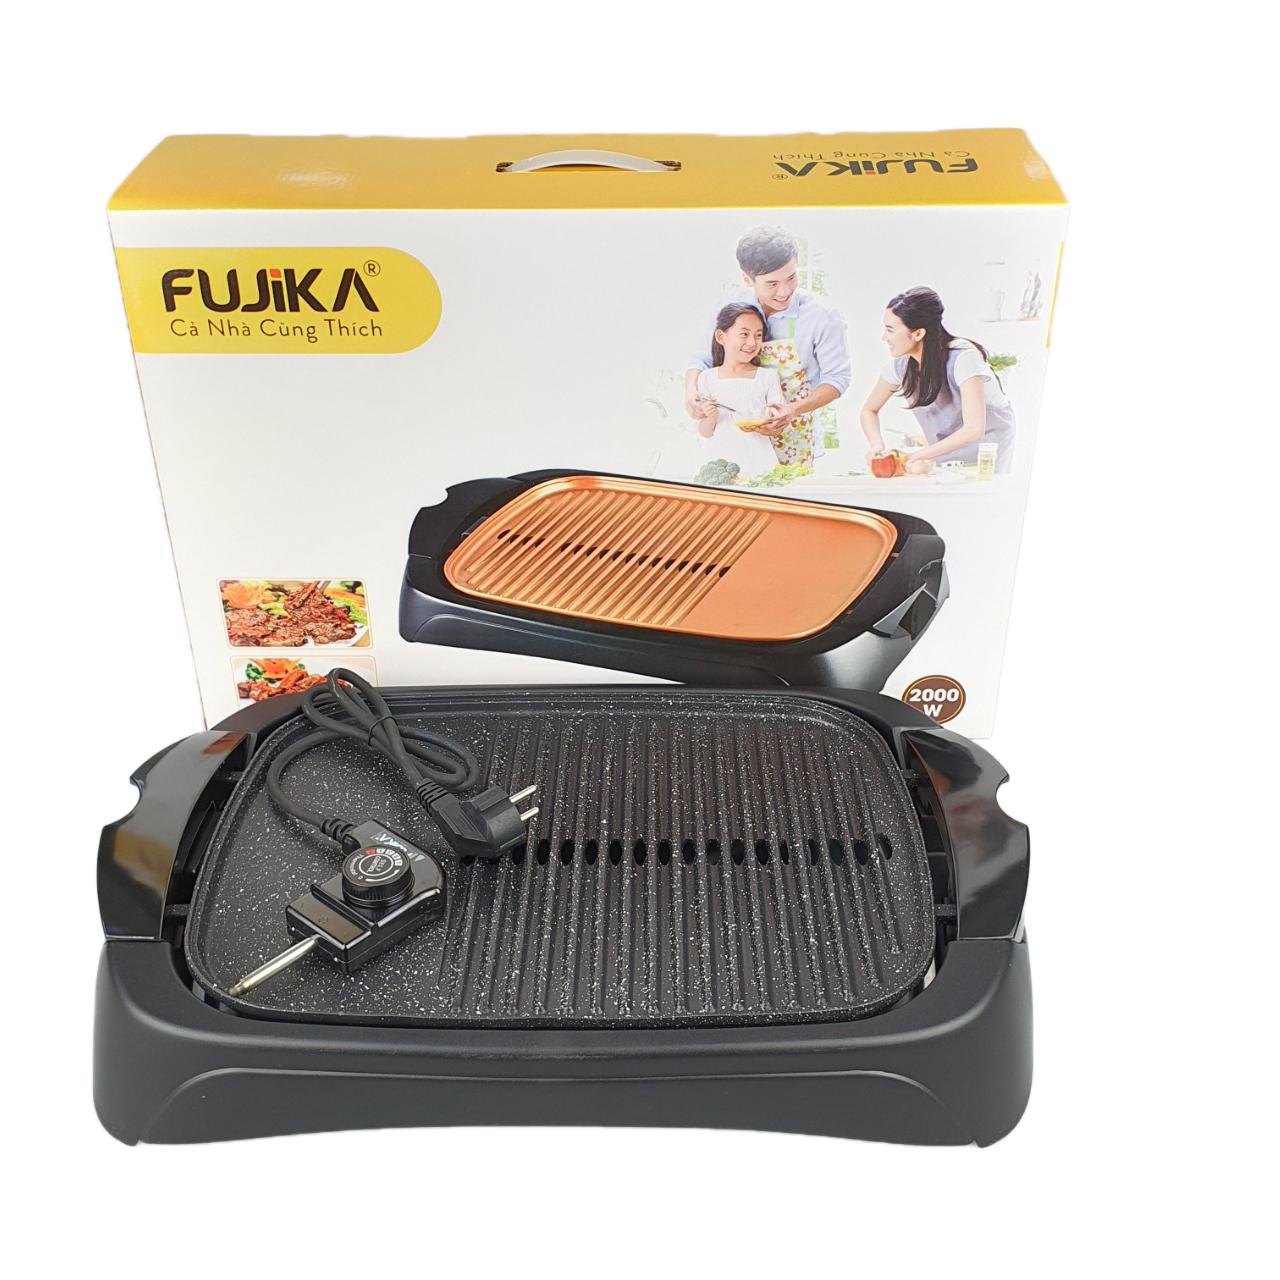 Bếp Nướng Điện Cao Cấp Fujika FJ-EG3620 Công Suất 2000W Nướng Cực Nhanh Dễ Dàng Vệ Sinh-Hàng Chính Hãng